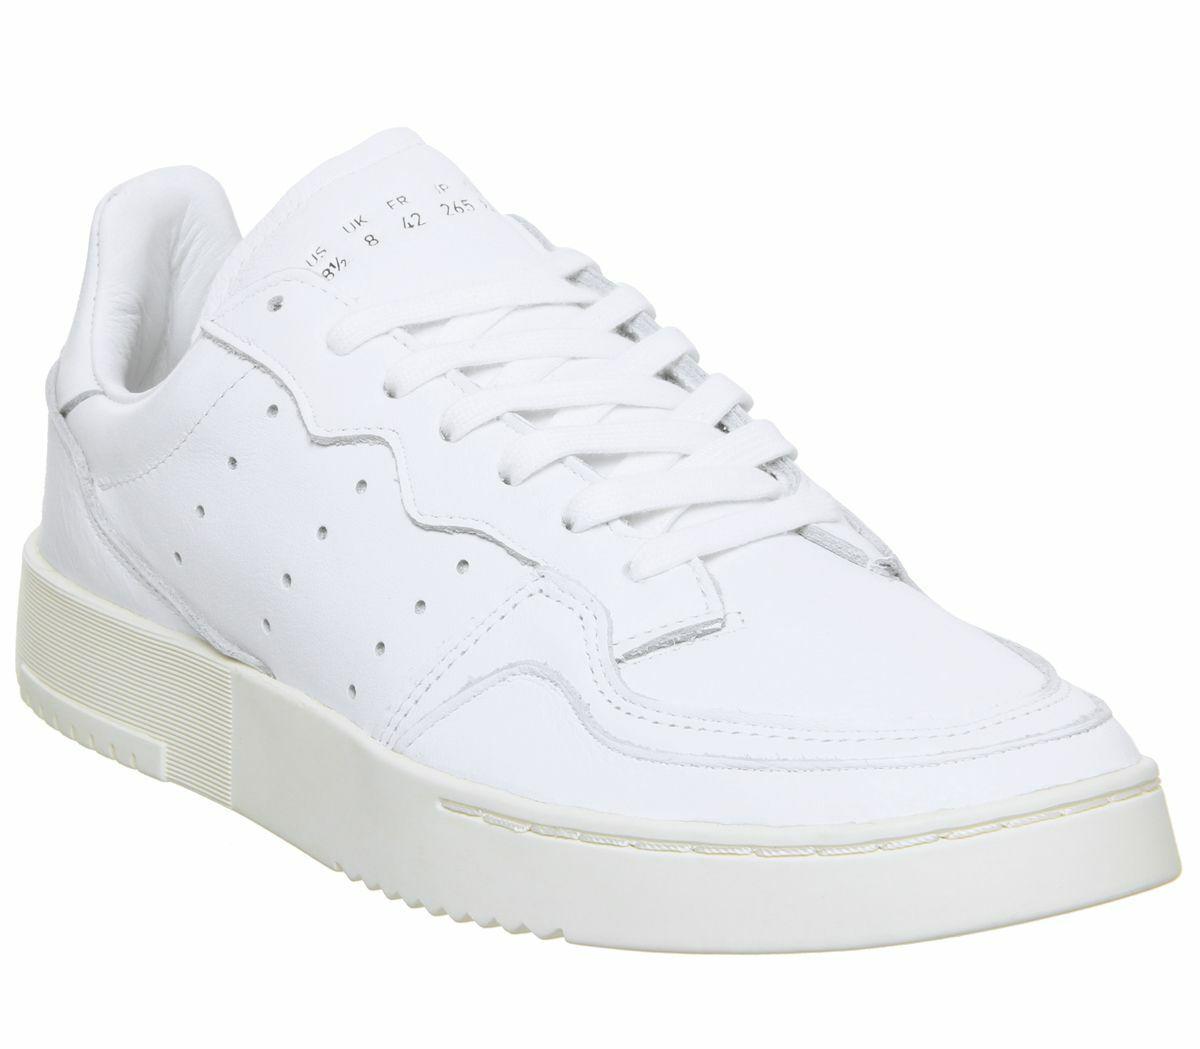 Mens Adidas Supercourt Trainers bianca  Off bianca Trainers Scarpe  vieni a scegliere il tuo stile sportivo